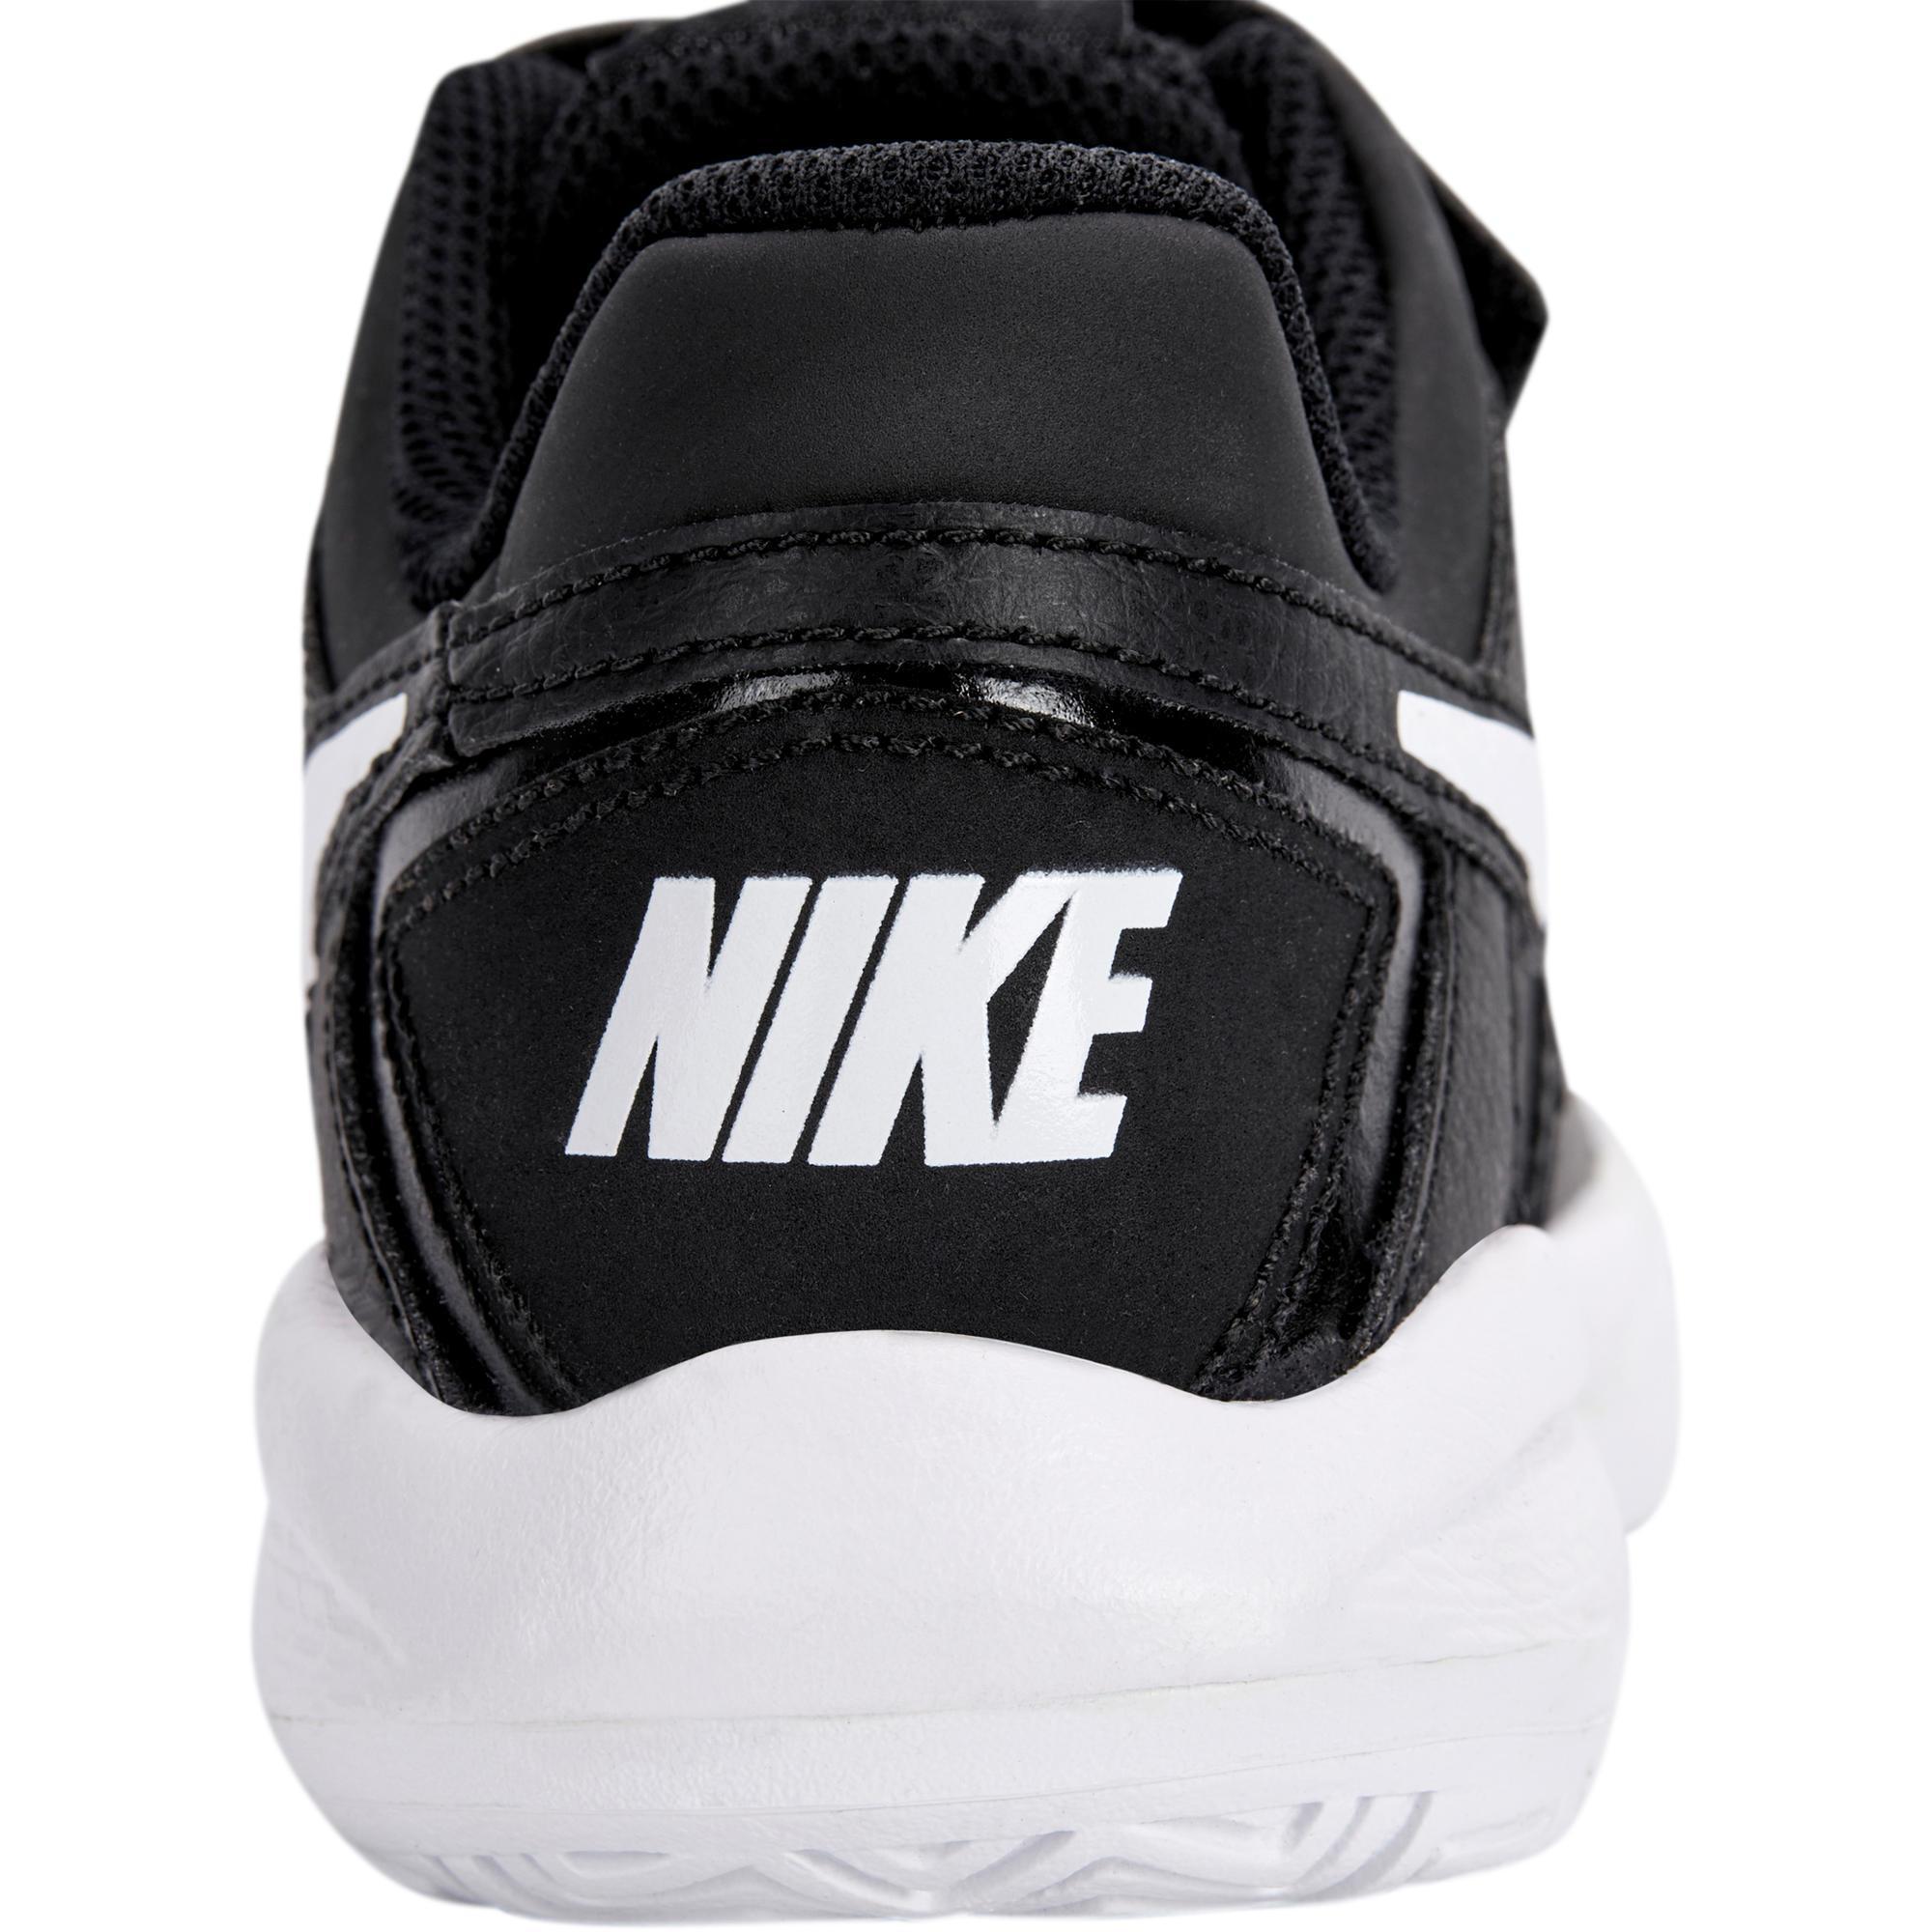 0036ce20d7 Chaussures Nike City Enfant Noir De In Court Decathlon Tennis 88phfp gAwdXWq